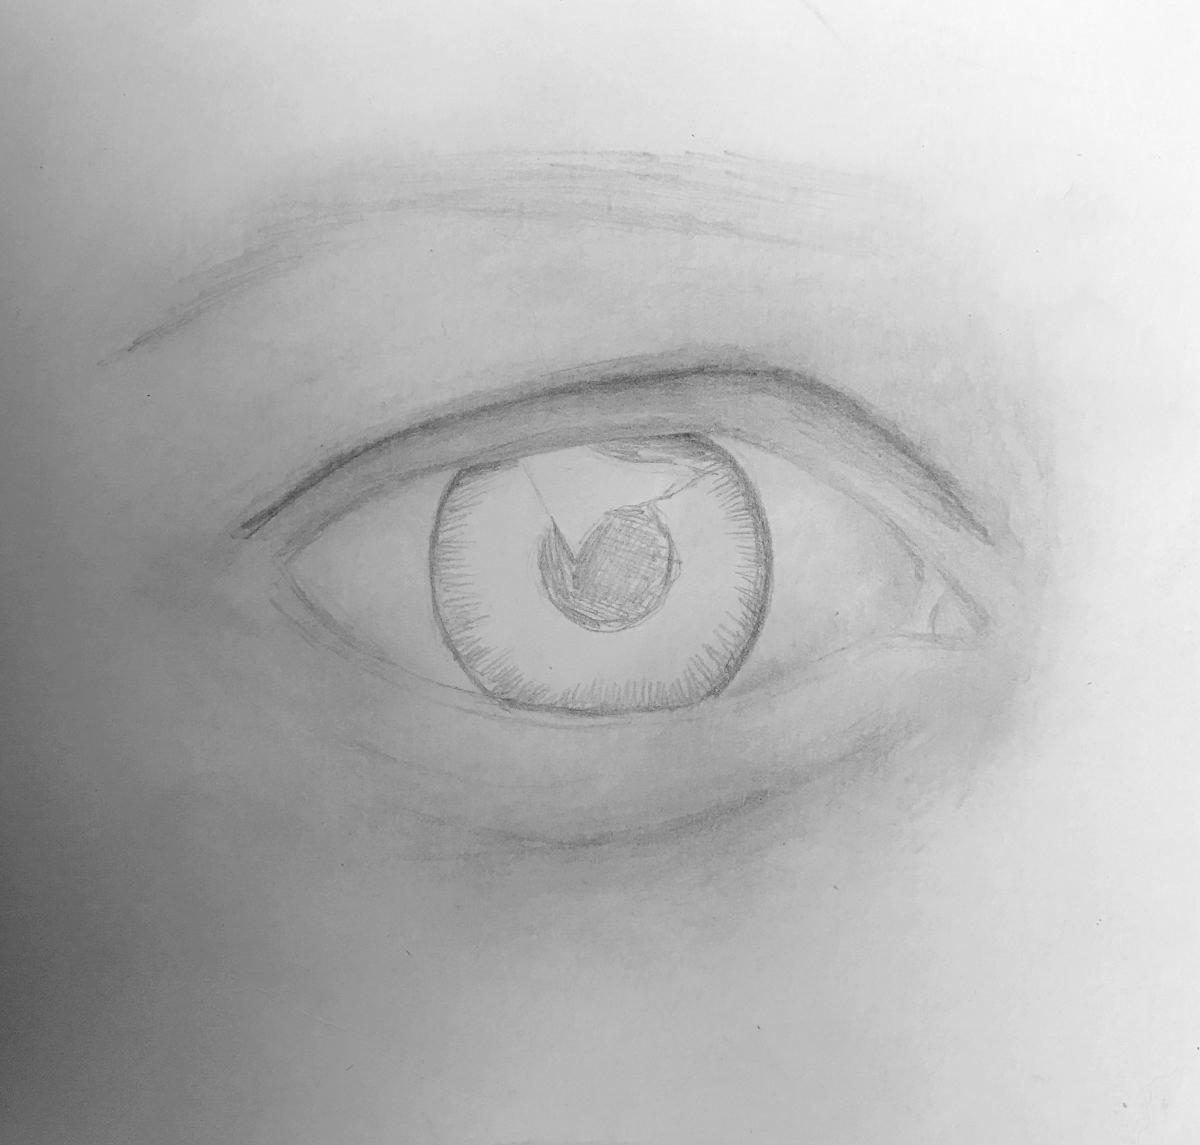 draw-a-realistic-eye-step-04-medium-shading.jpg